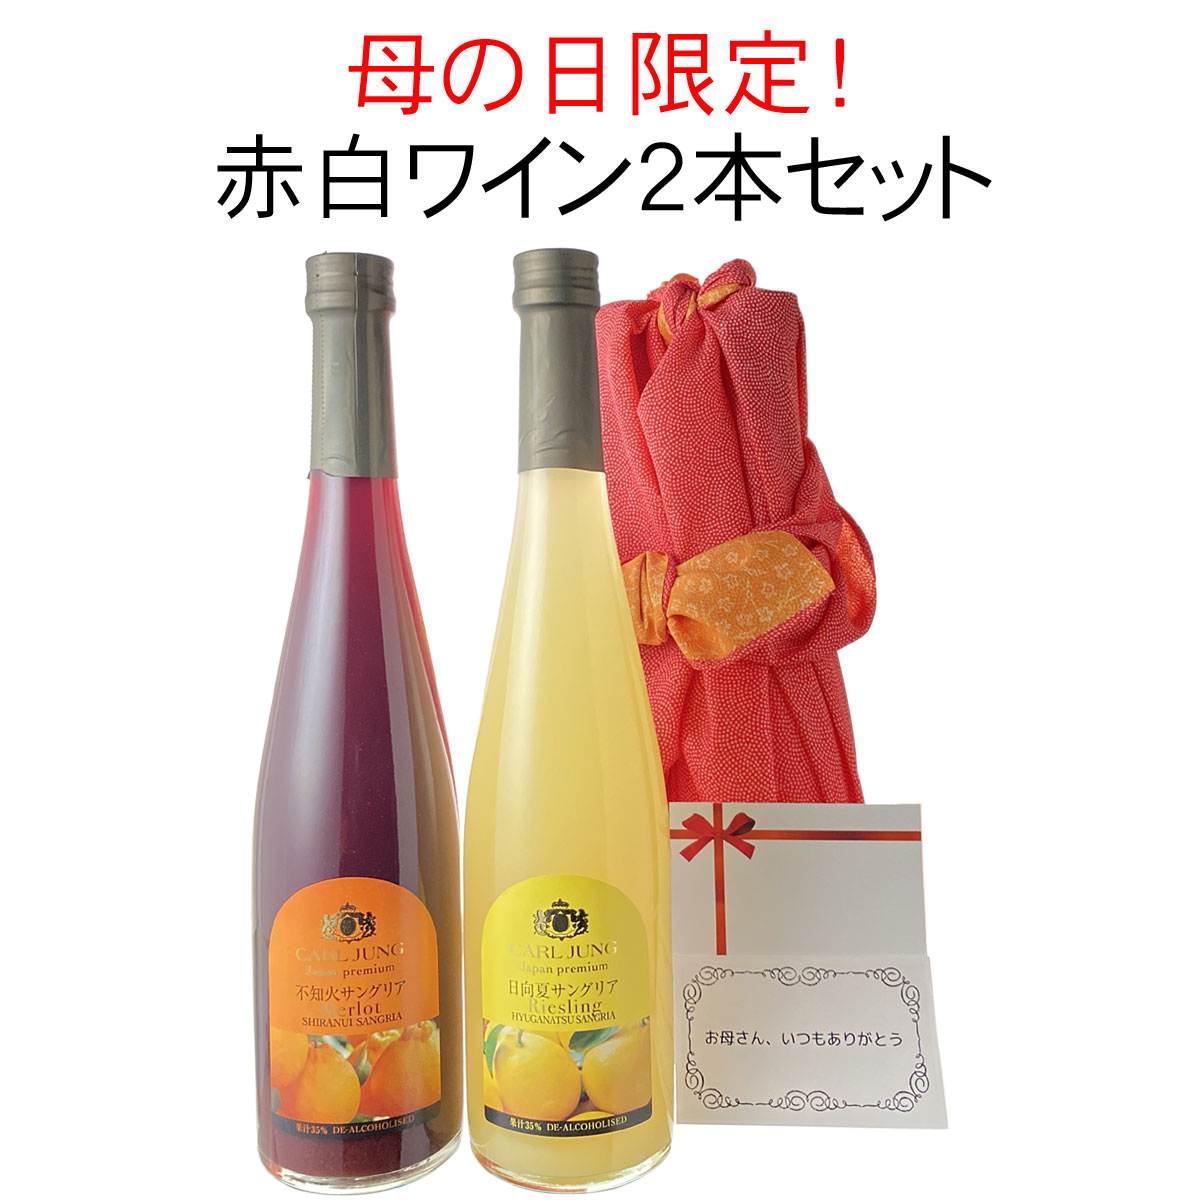 母の日限定! ノンアルコール カールユング ジャパン・プレミアム 赤白2本 和ラッピングセット